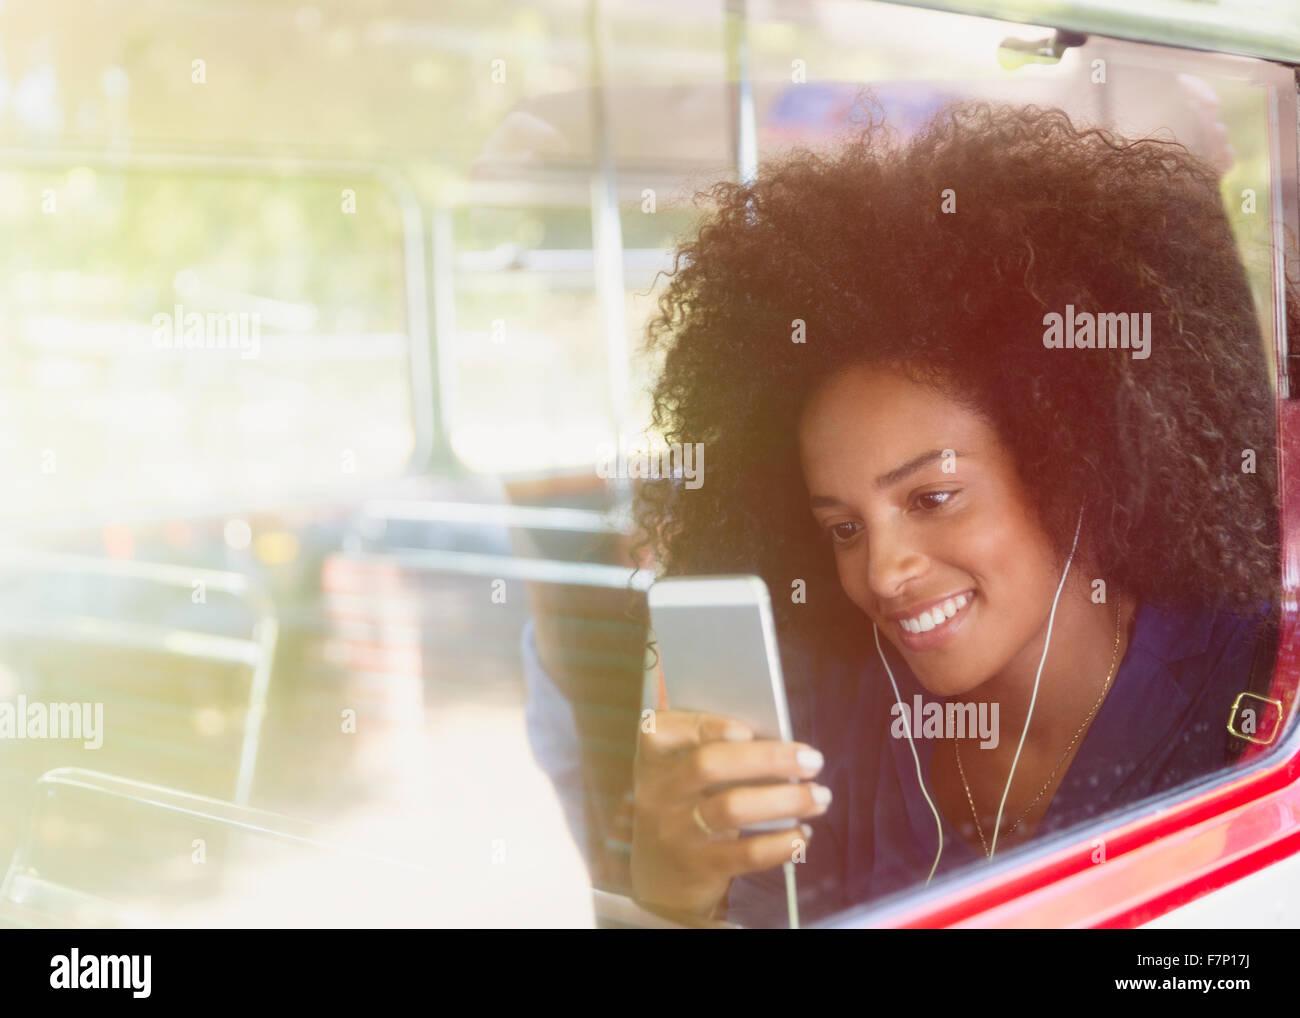 Lächelnde Frau mit Afro Musikhören mit Kopfhörer und MP3-Player in bus Stockbild